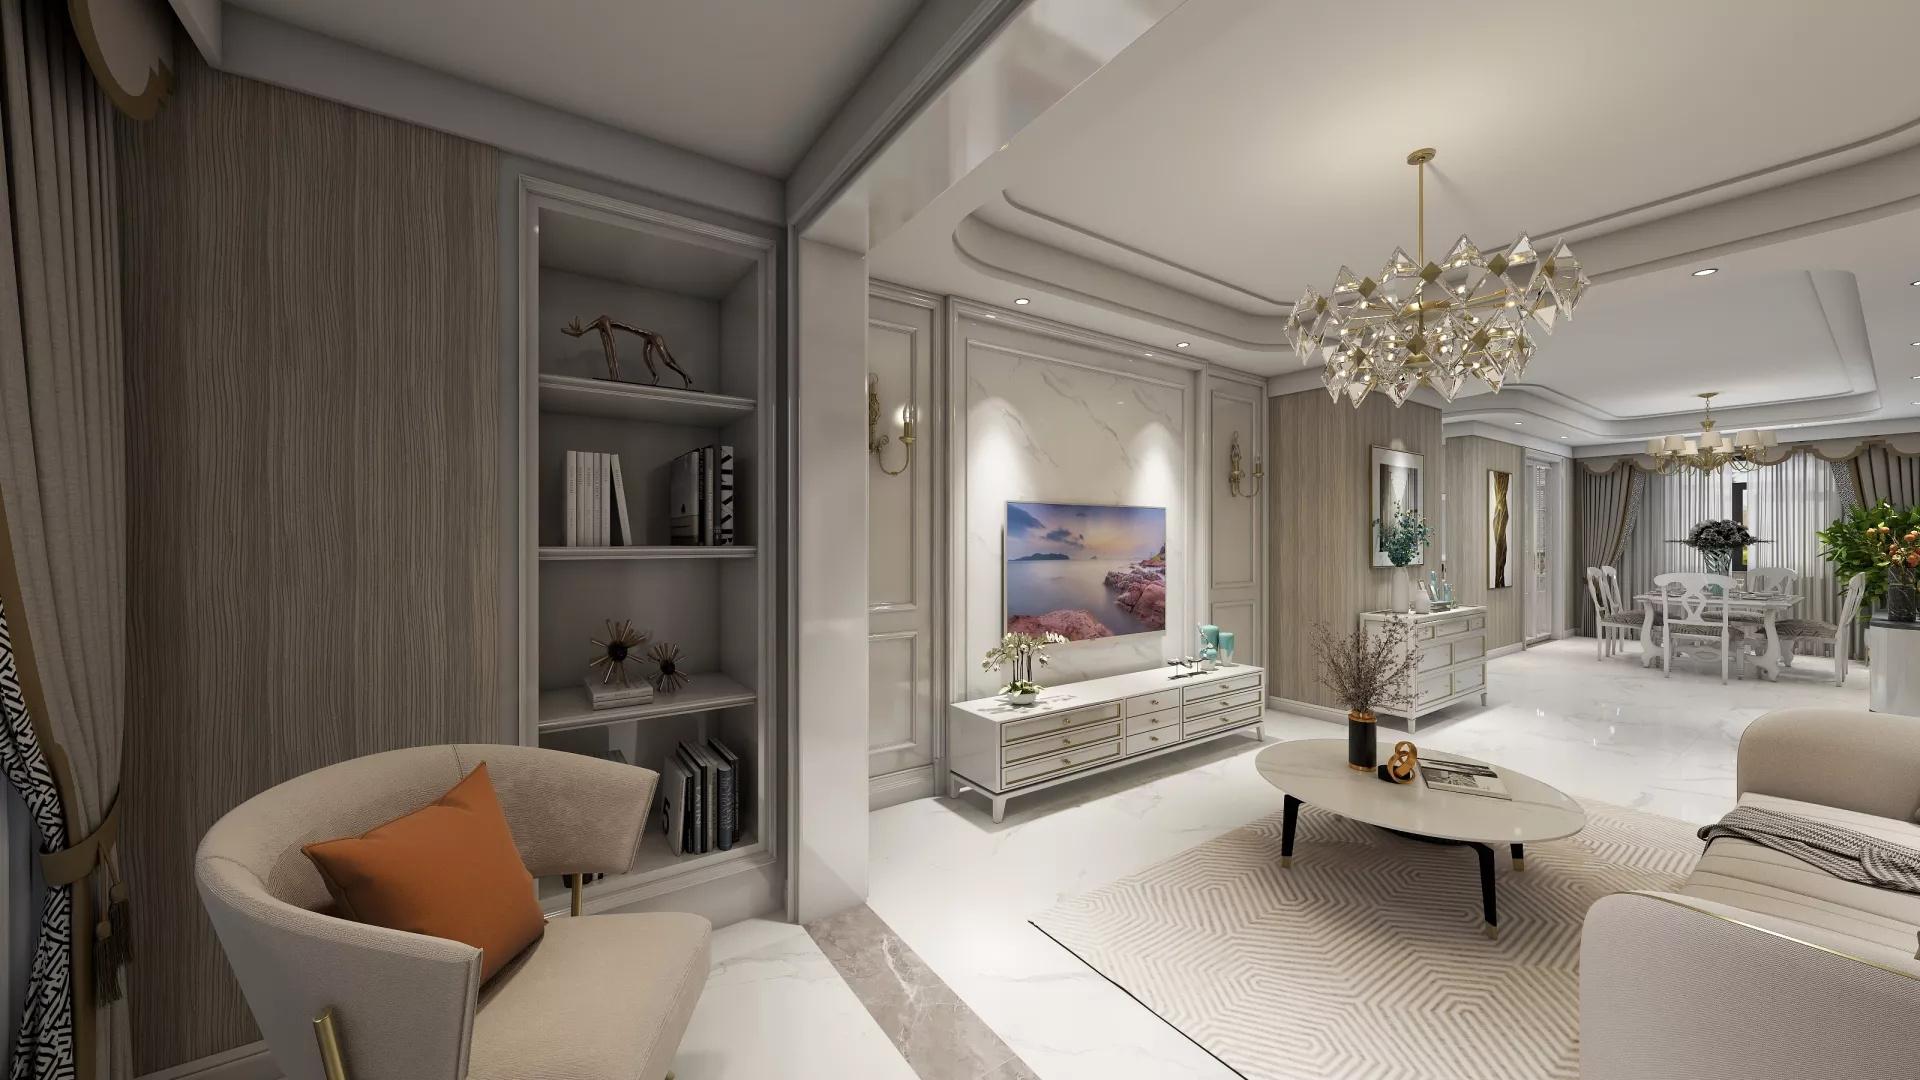 300㎡别墅混搭风格客厅装修效果图